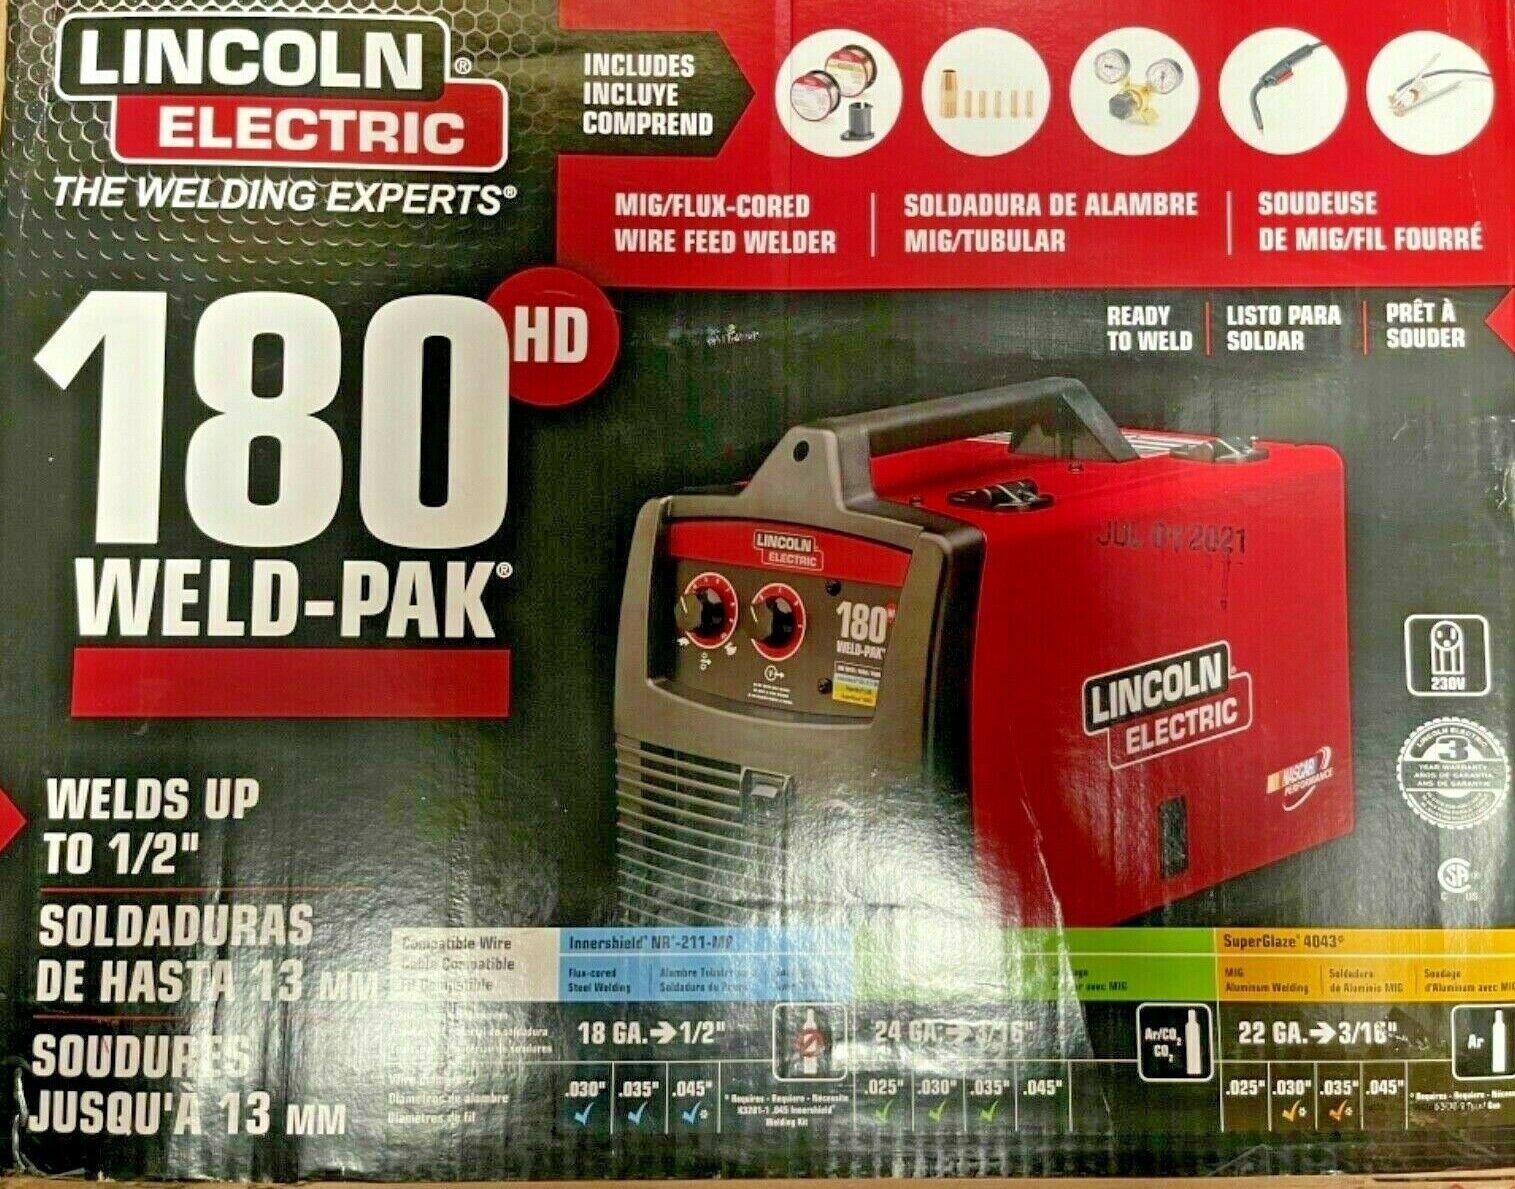 K2515-1 laurelonlinedeals Lincoln Electric 180 HD WELD pak MIG Pro 180HD WIRE FEED WELDER K2515-1 NEW